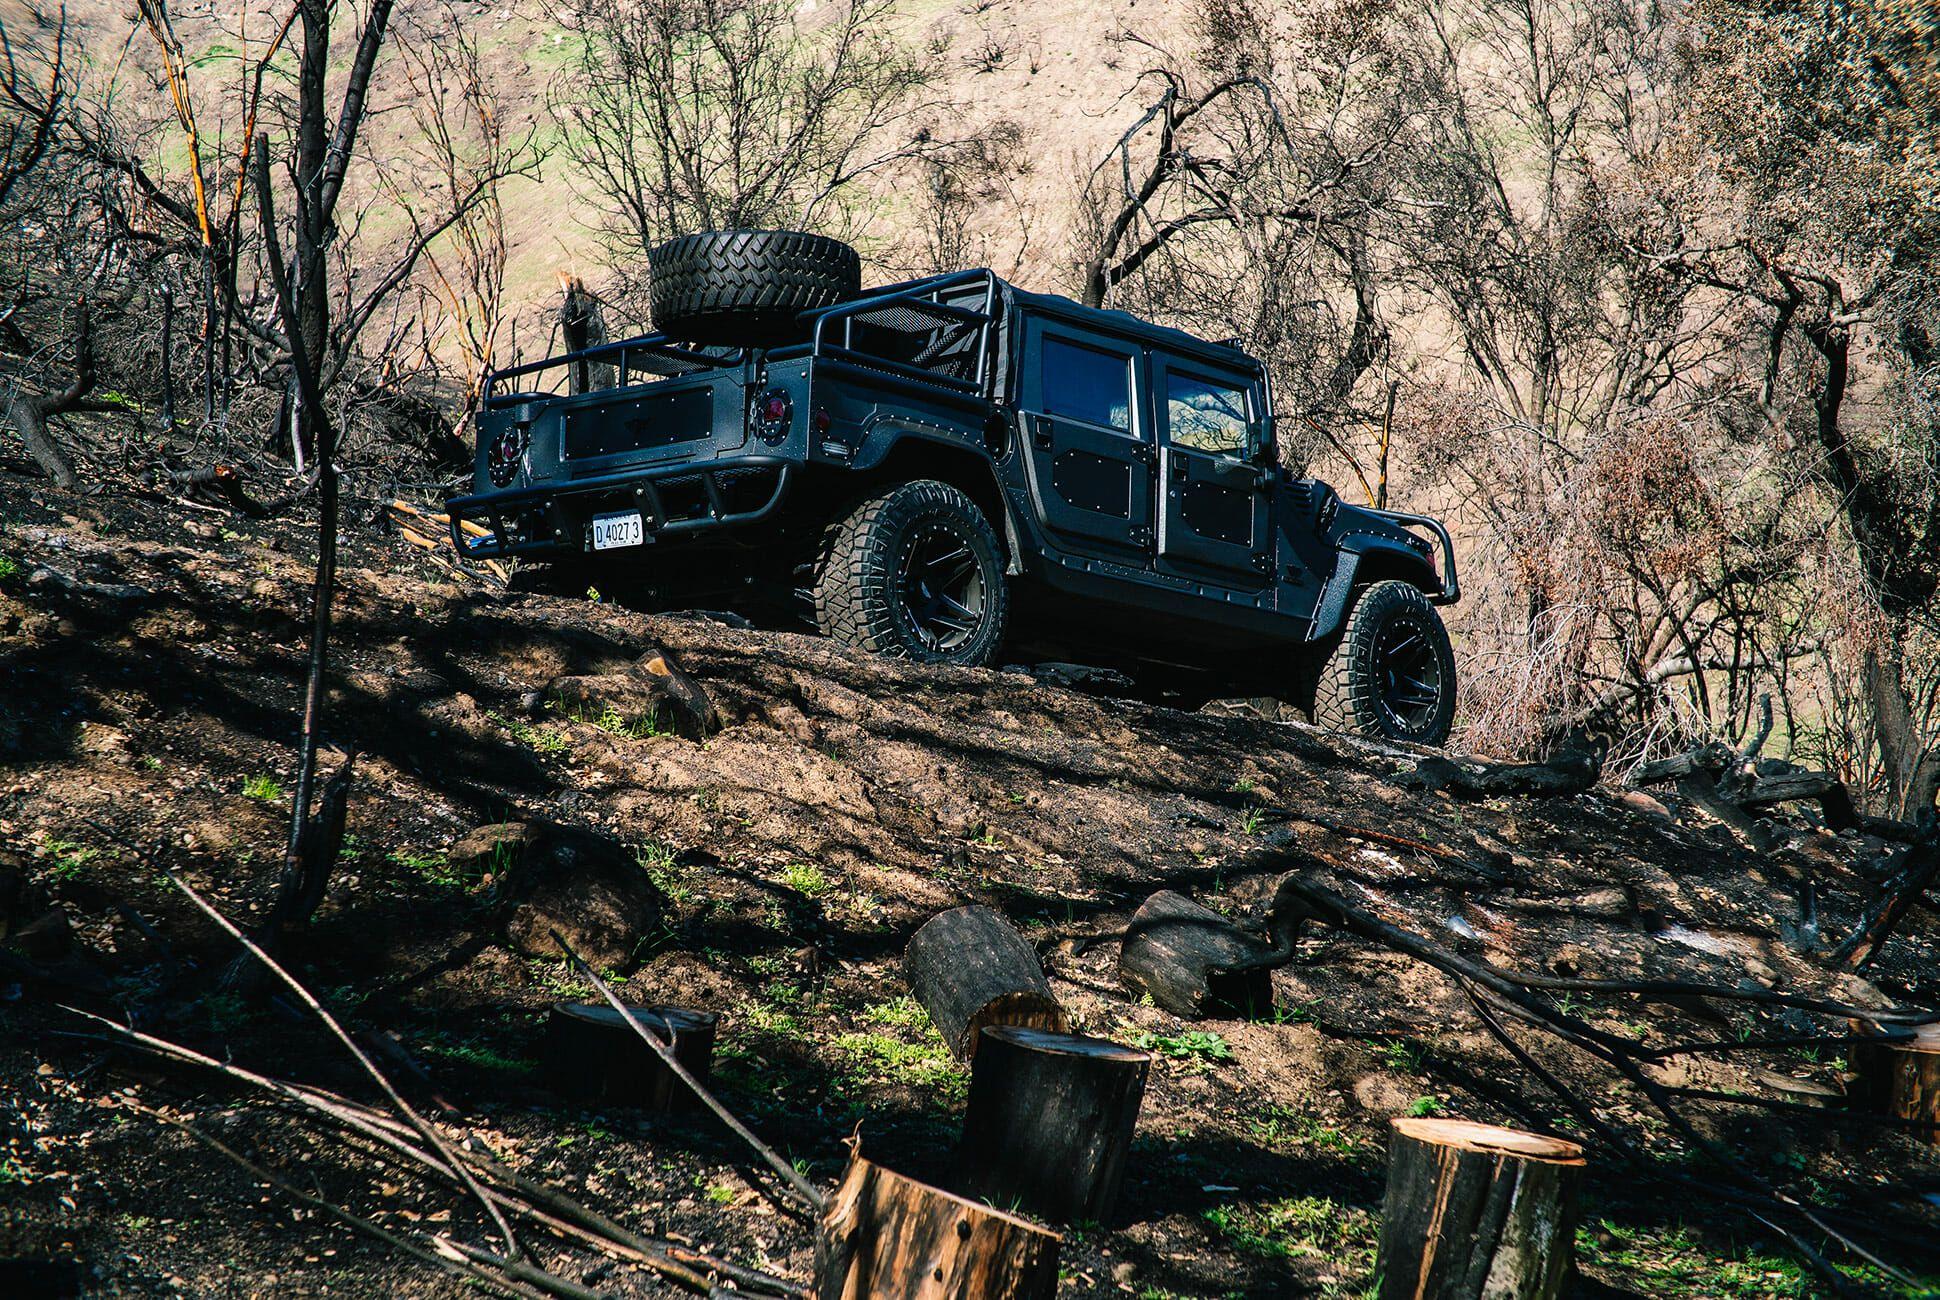 Mil-Spec-Automotive-Hummer-H1-gear-patrol-slide-5